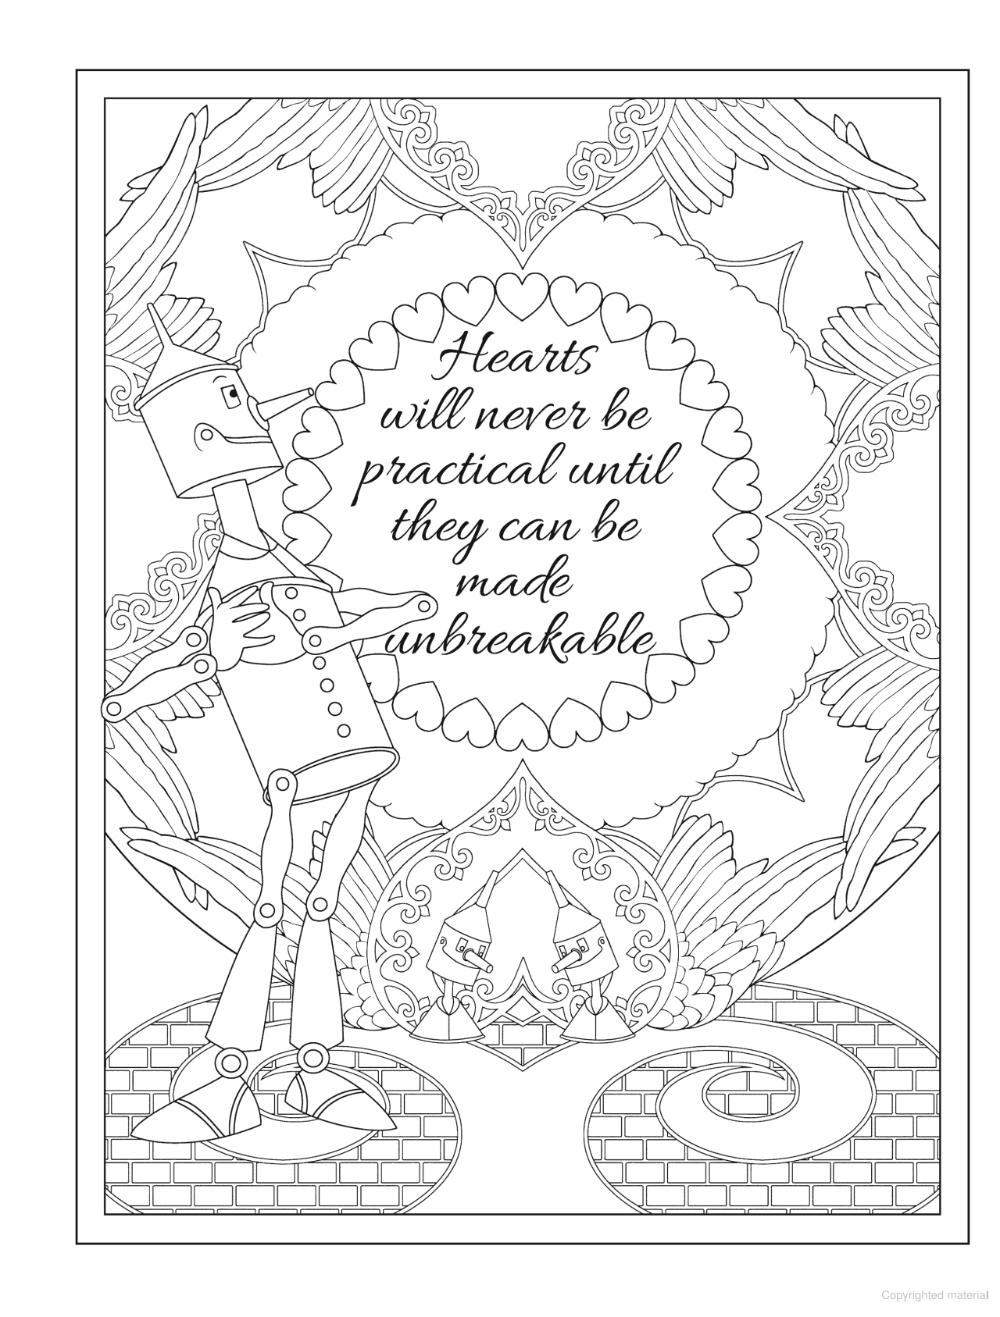 Creative Haven Wizard Of Oz Designs Coloring Book In 2020 Designs Coloring Books Coloring Books Wizard Of Oz